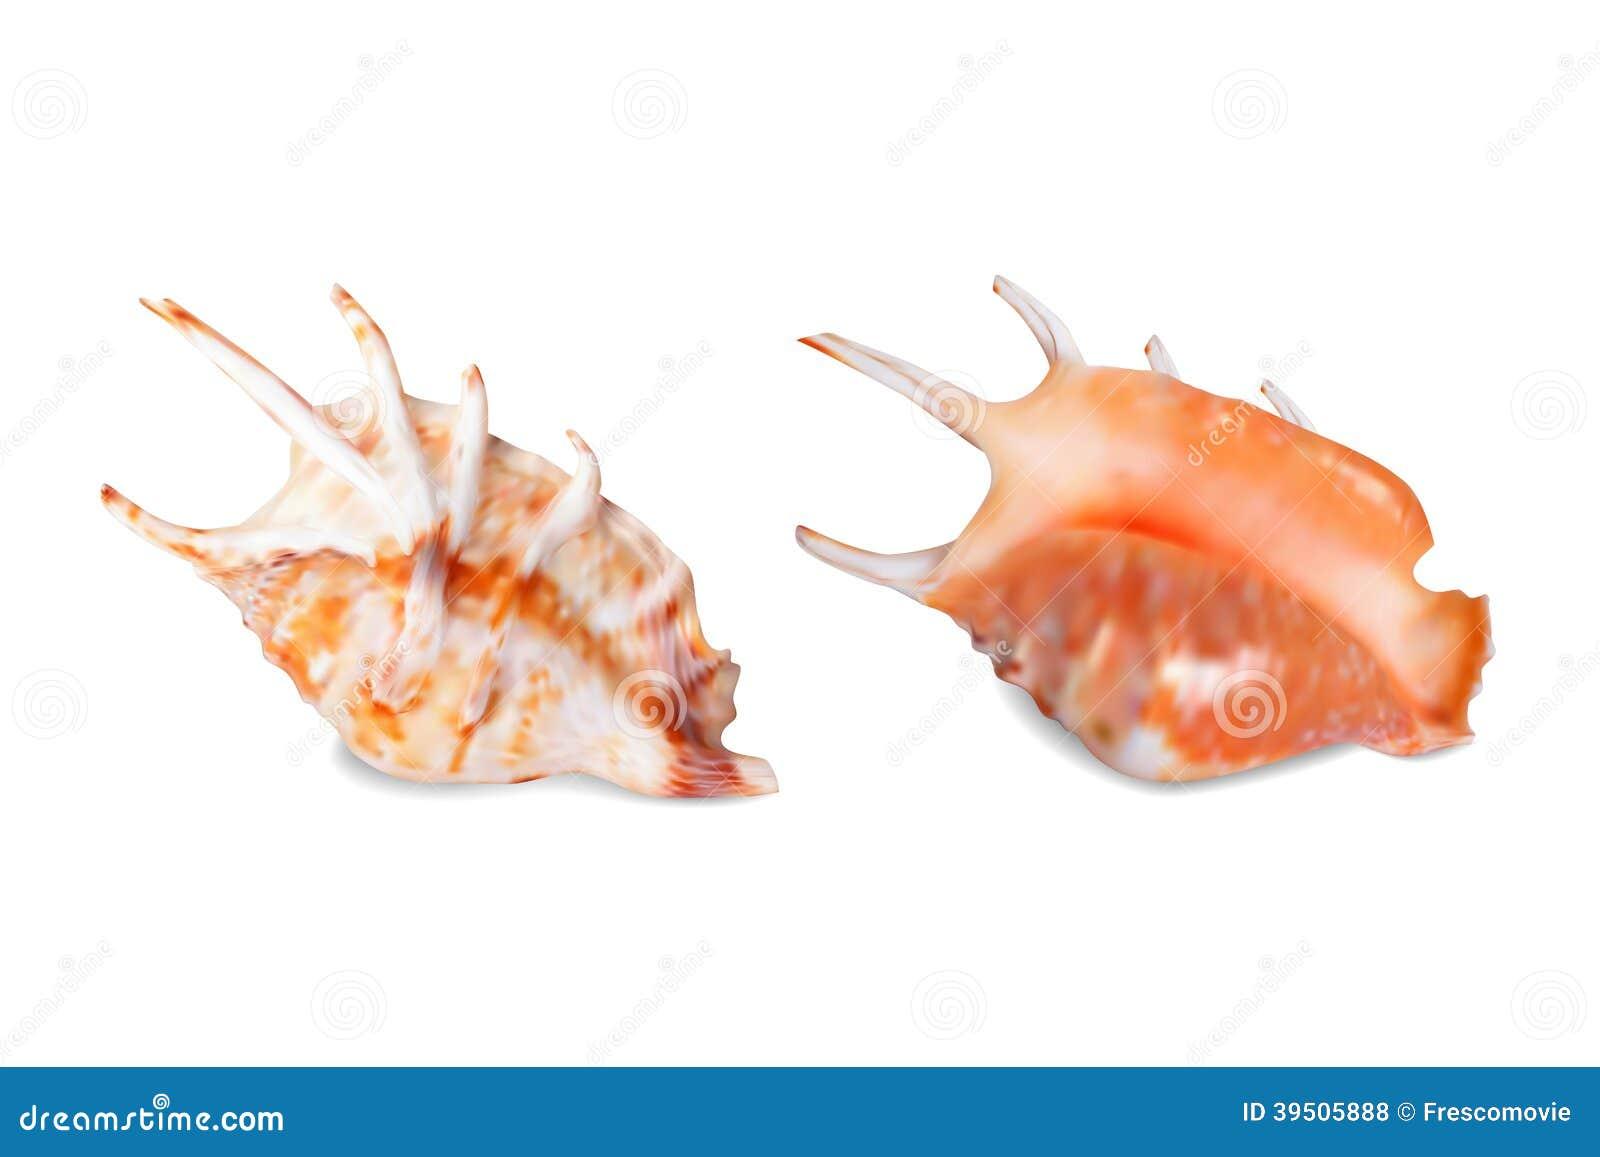 Seashell, isolated on white